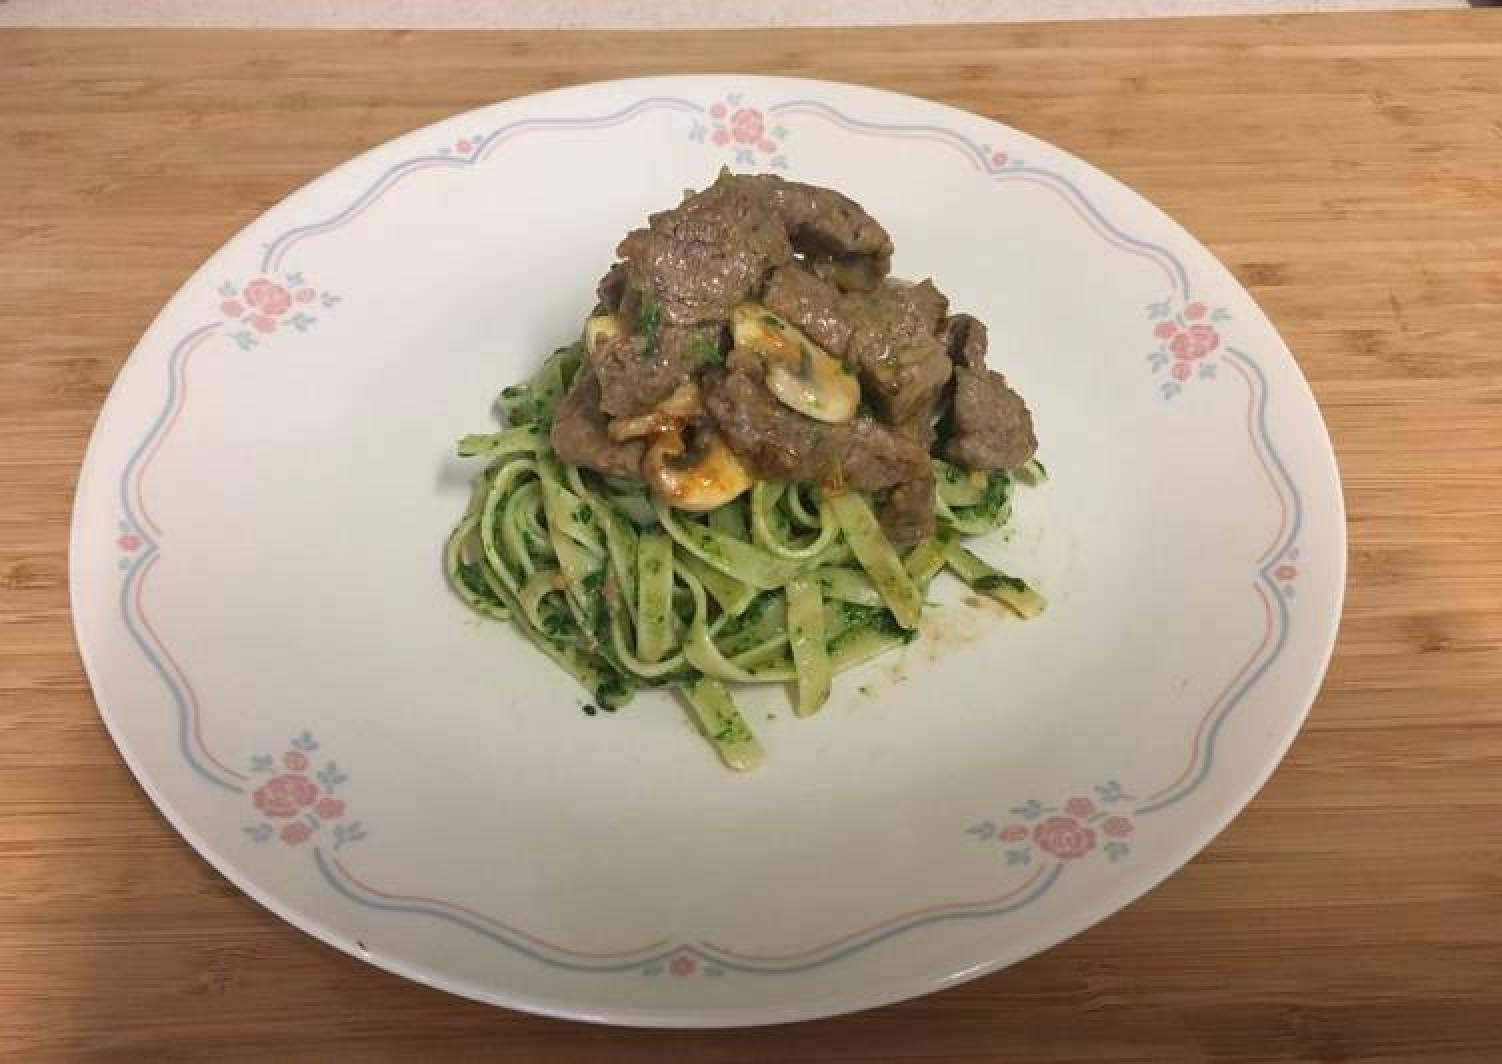 Beef,mushroom saute', spinack sauce and Fettuccine